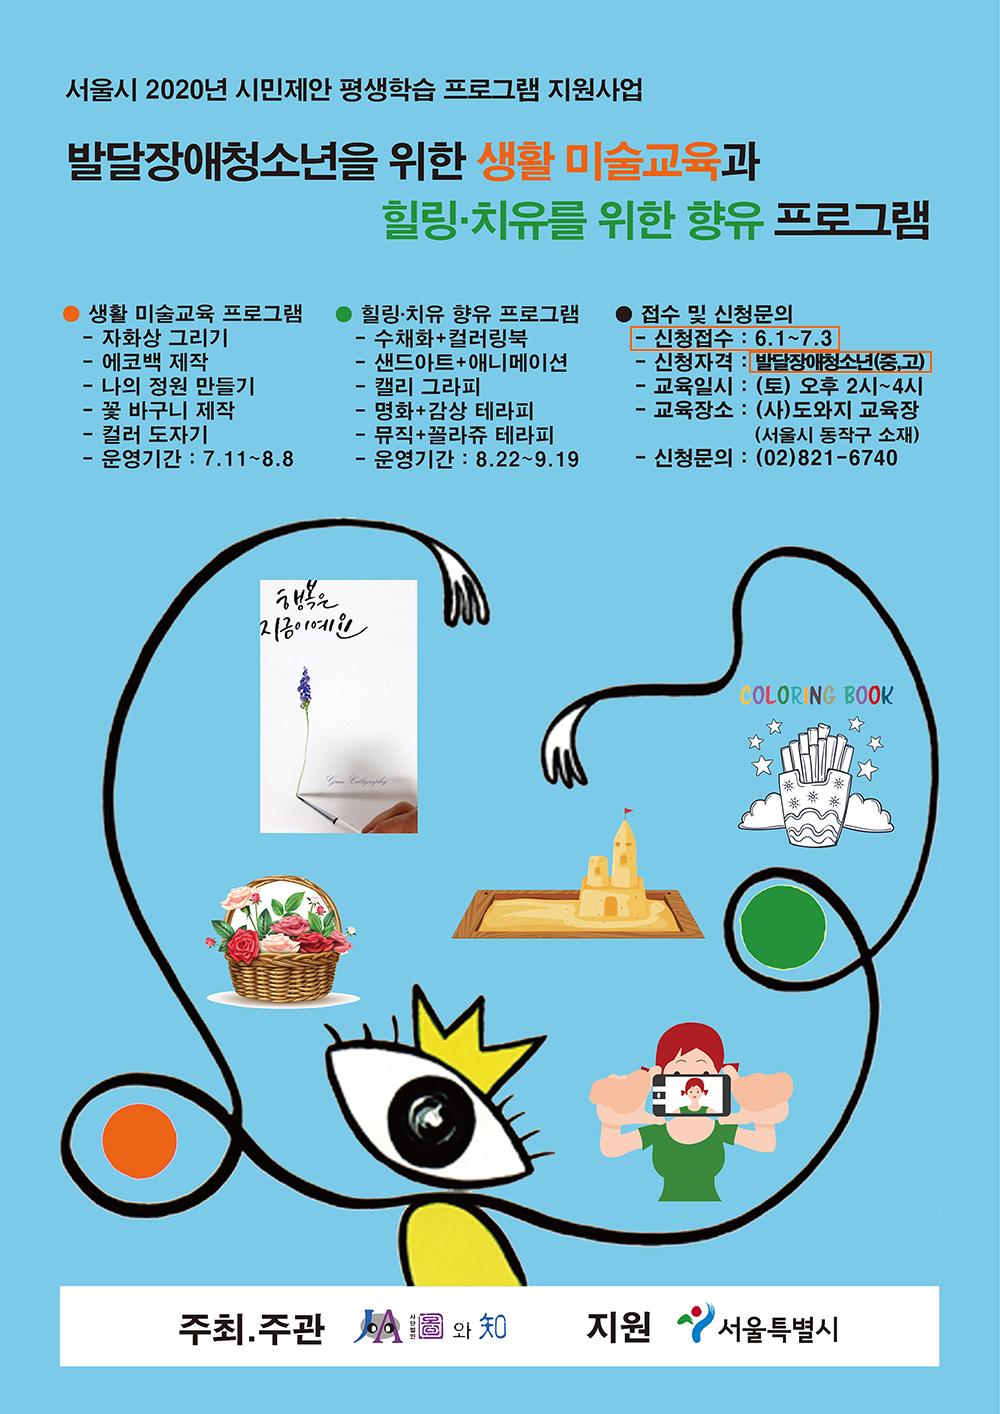 [발달장애청소년을 위한 생활 미술교육과 힐링·치유를 위한 향유 프로그램] 포스터